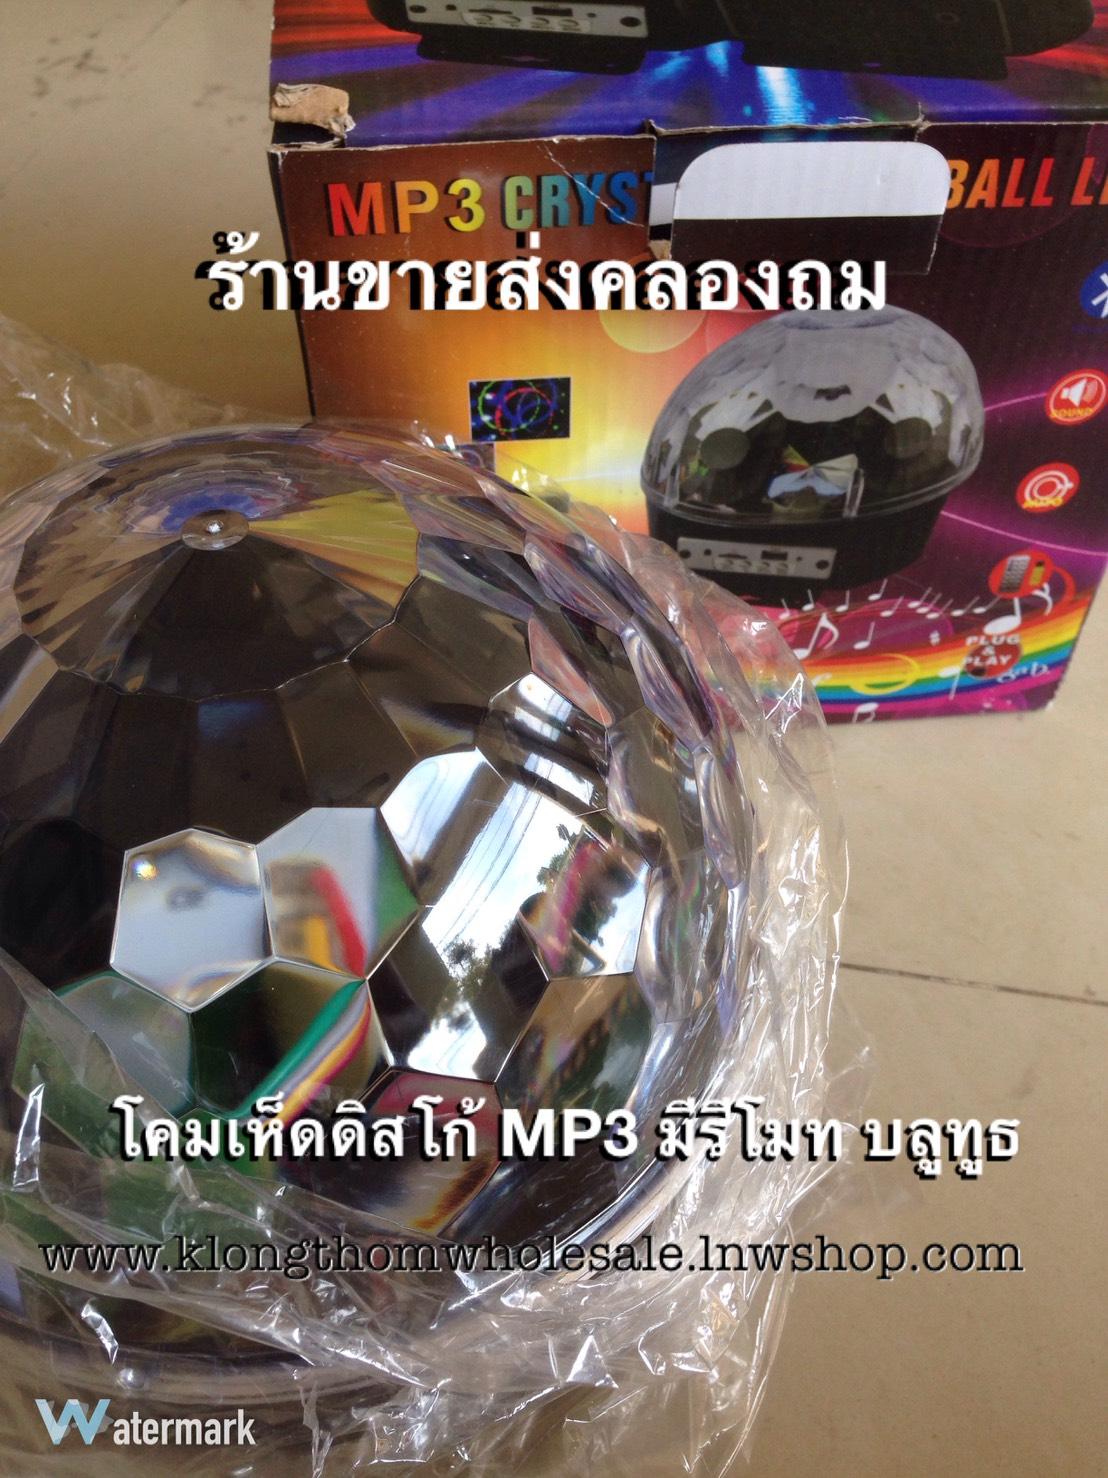 โคมเห็ด MP3 ไฟดิสโก้โคมเห็ด 6 สี R B G กระพริบตามเสียงเพลง มีบลูทูธ ช่องเมมโมรี่